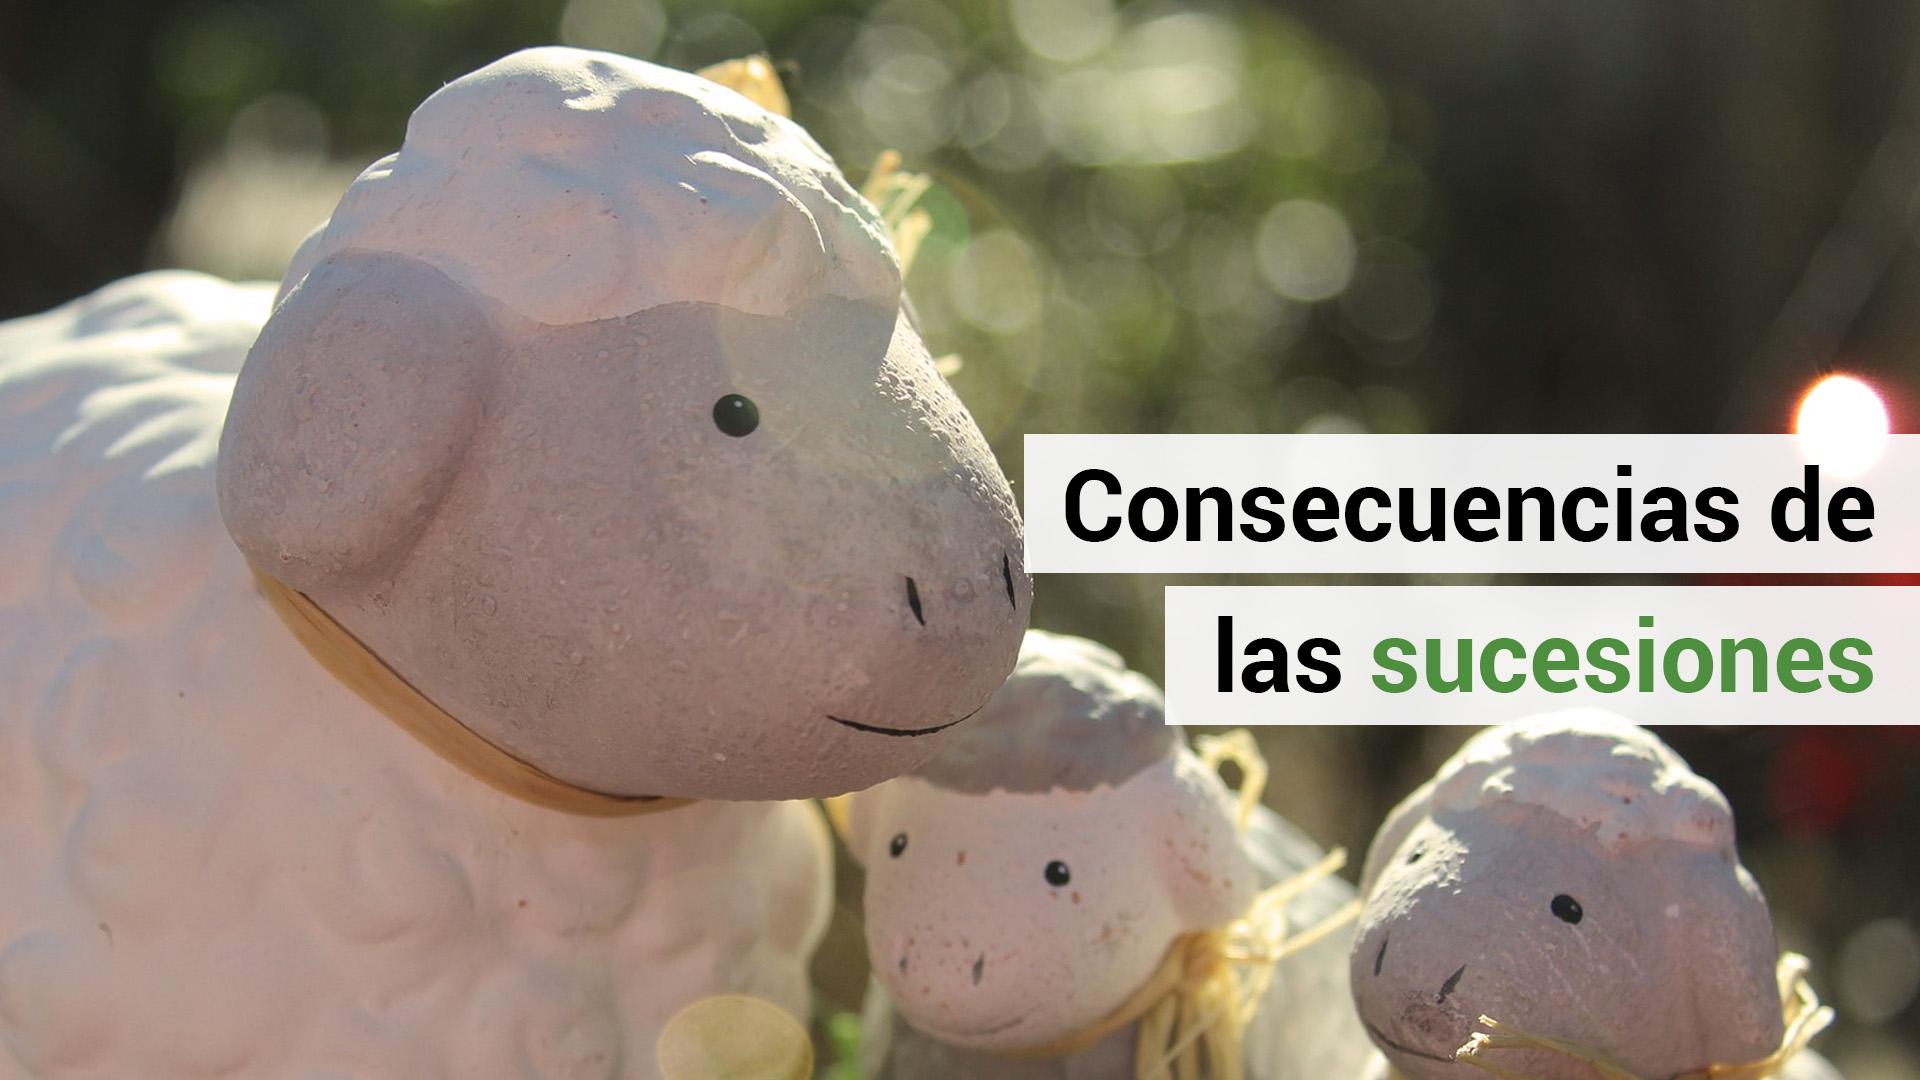 ¿Conoces las consecuencias de la sucesión de empresas?